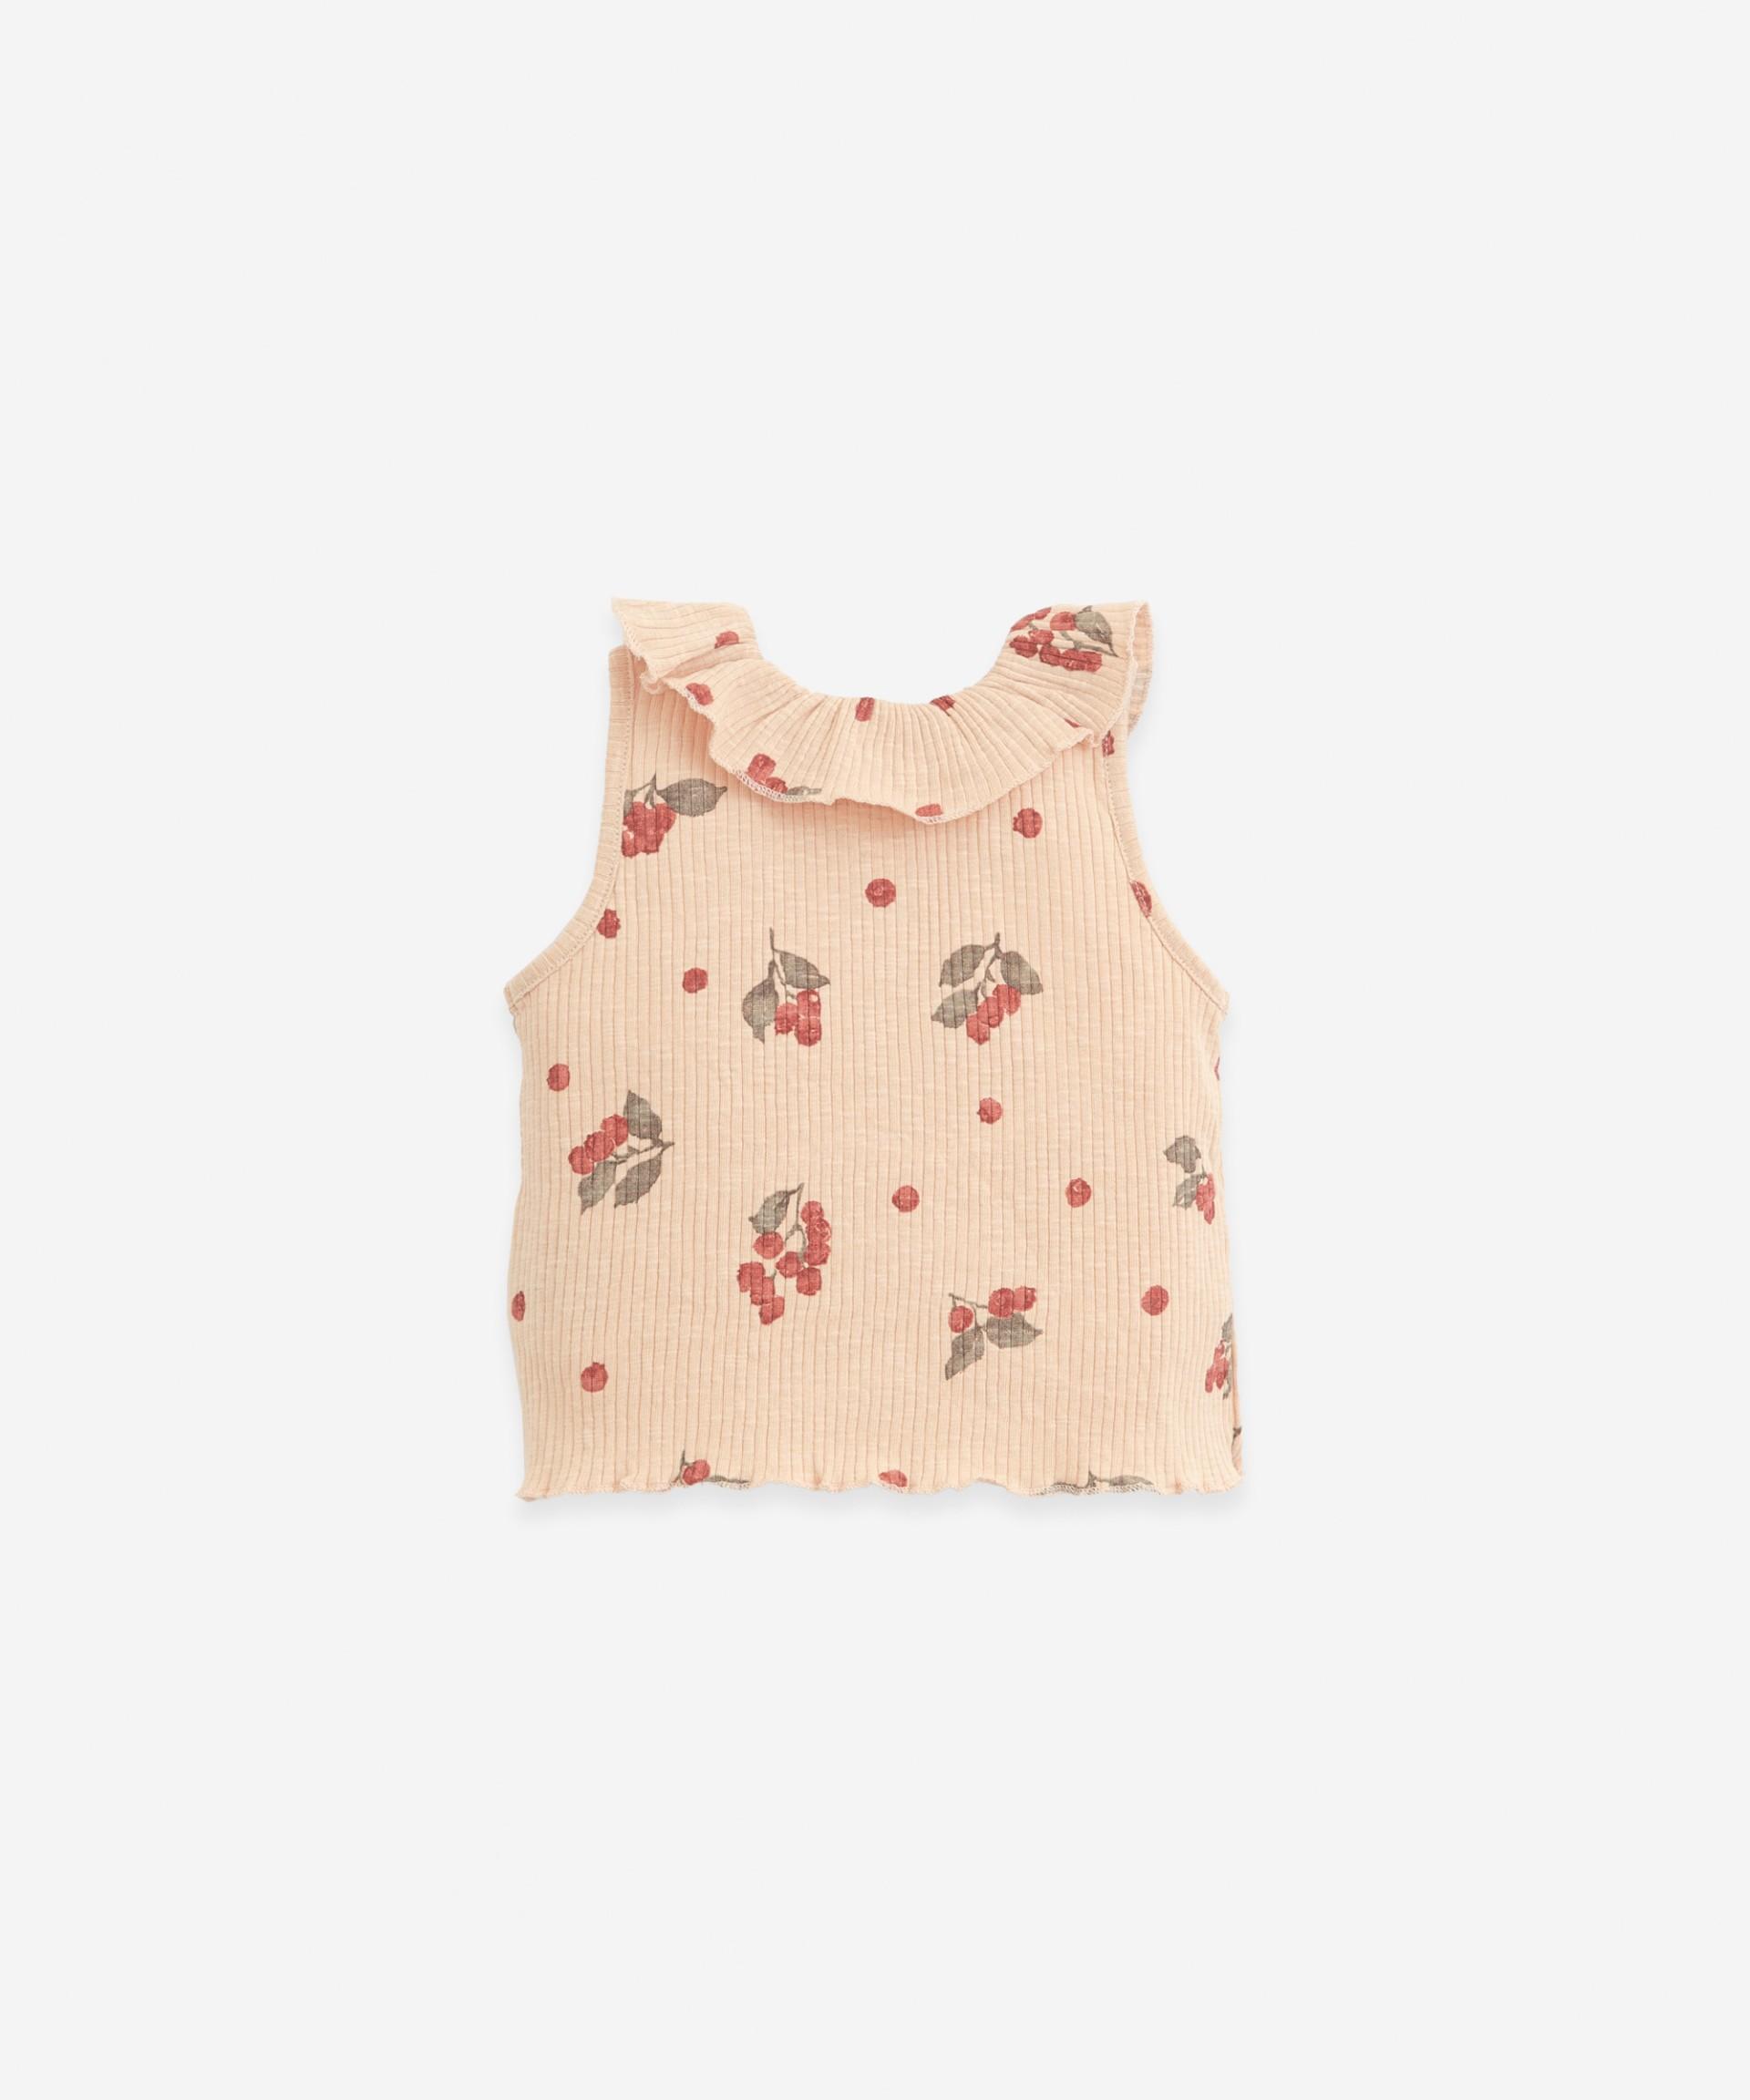 Camiseta de punto de canalé | Botany